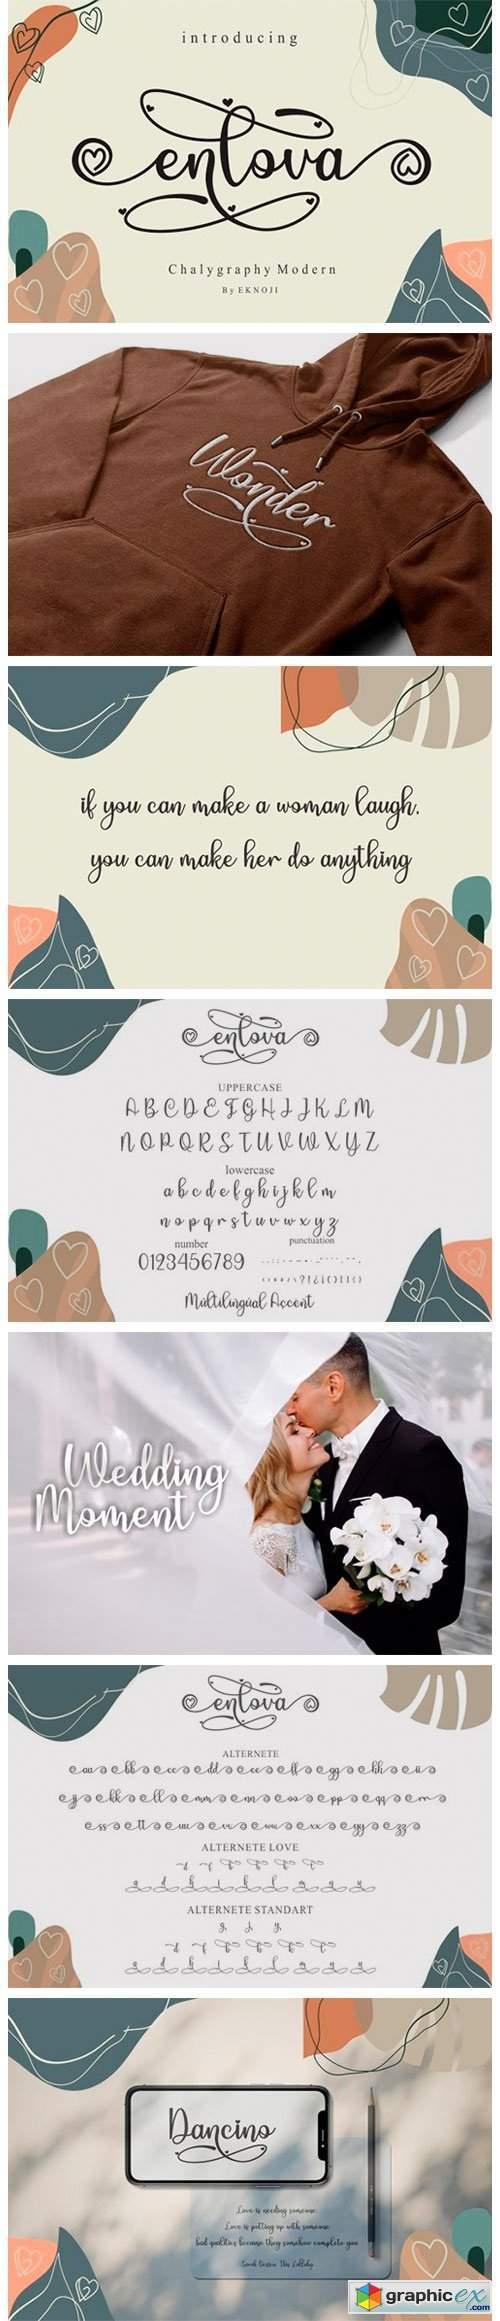 Enlova Font